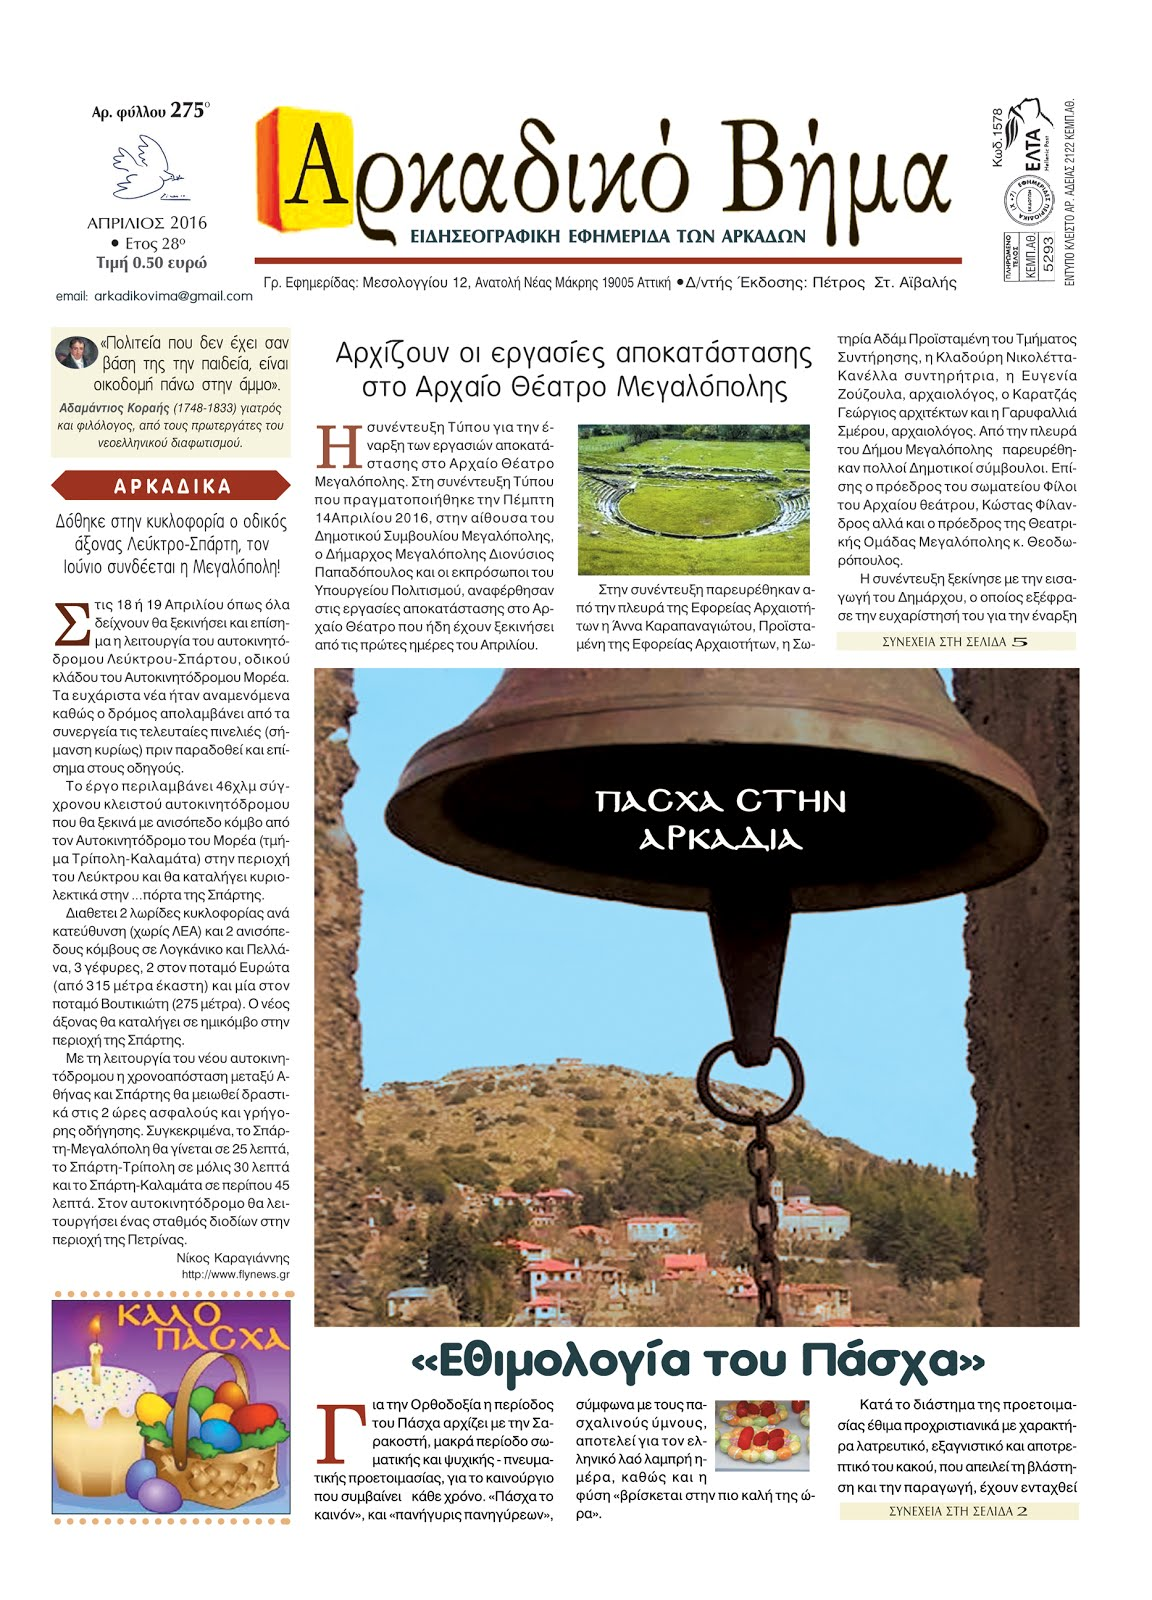 """Αρκαδικό Βήμα κυκλοφόρησε με θέμα: """"Το αρχαίο θέατρο Μεγαλόπολης"""""""